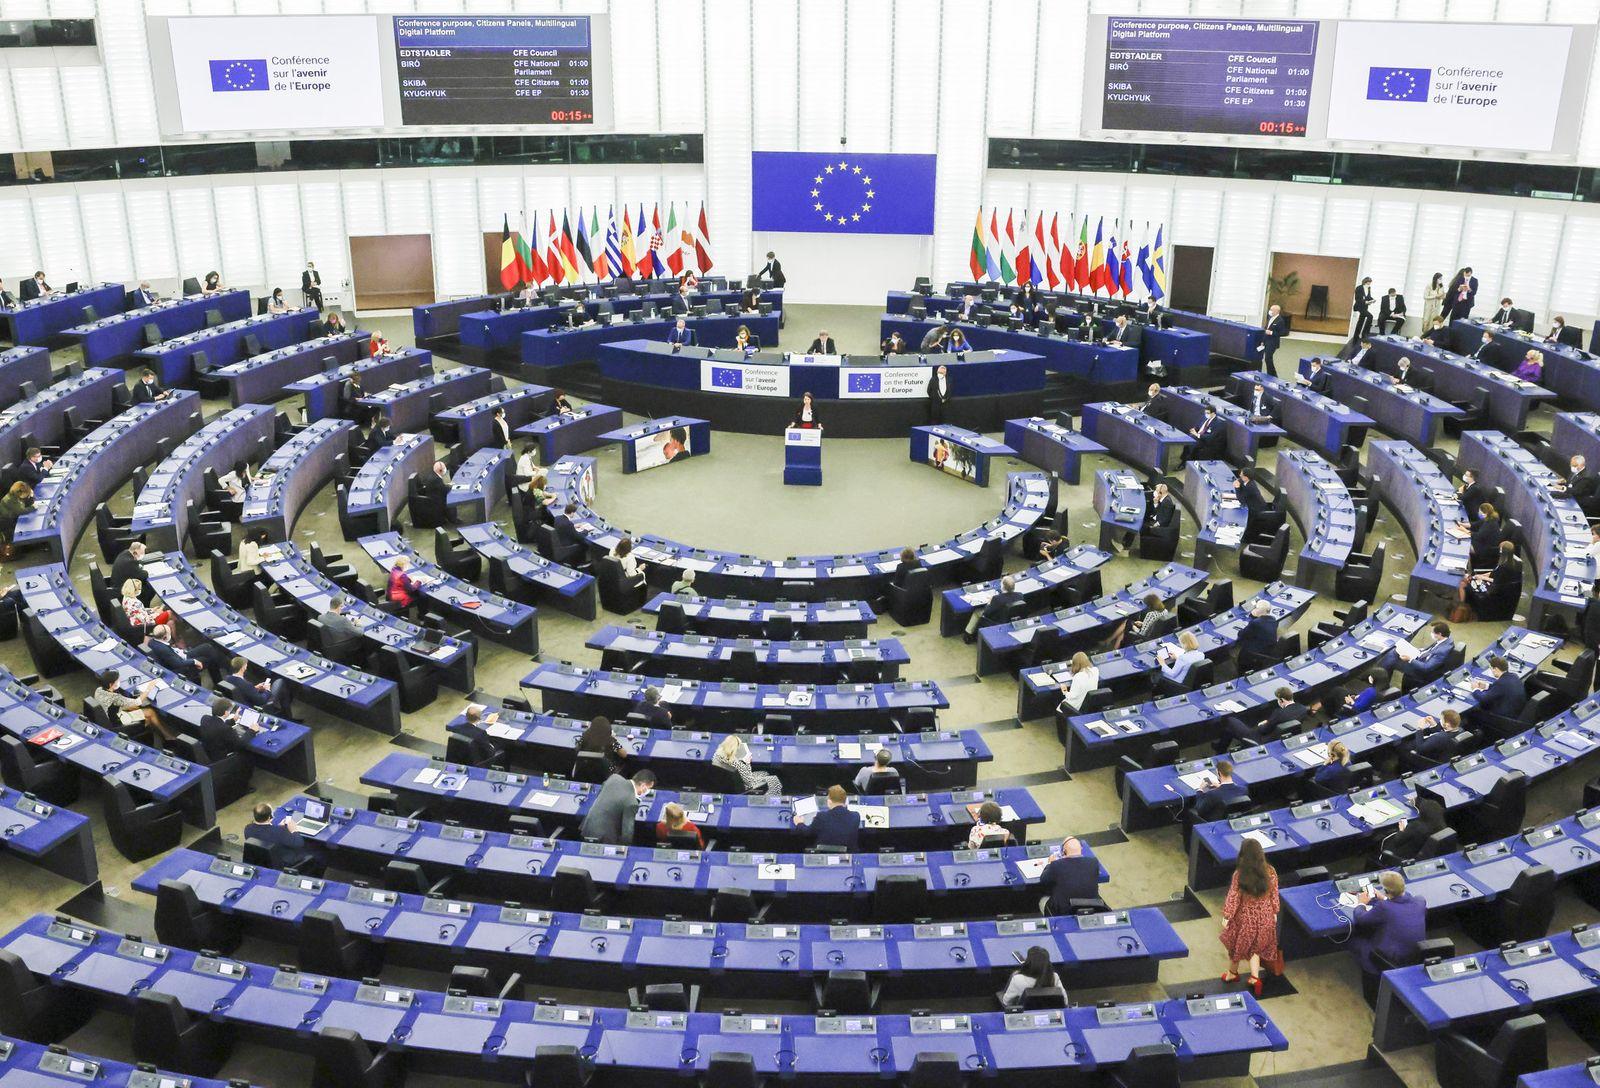 Erste Plenarsitzung der Konferenz zur Zukunft Europas